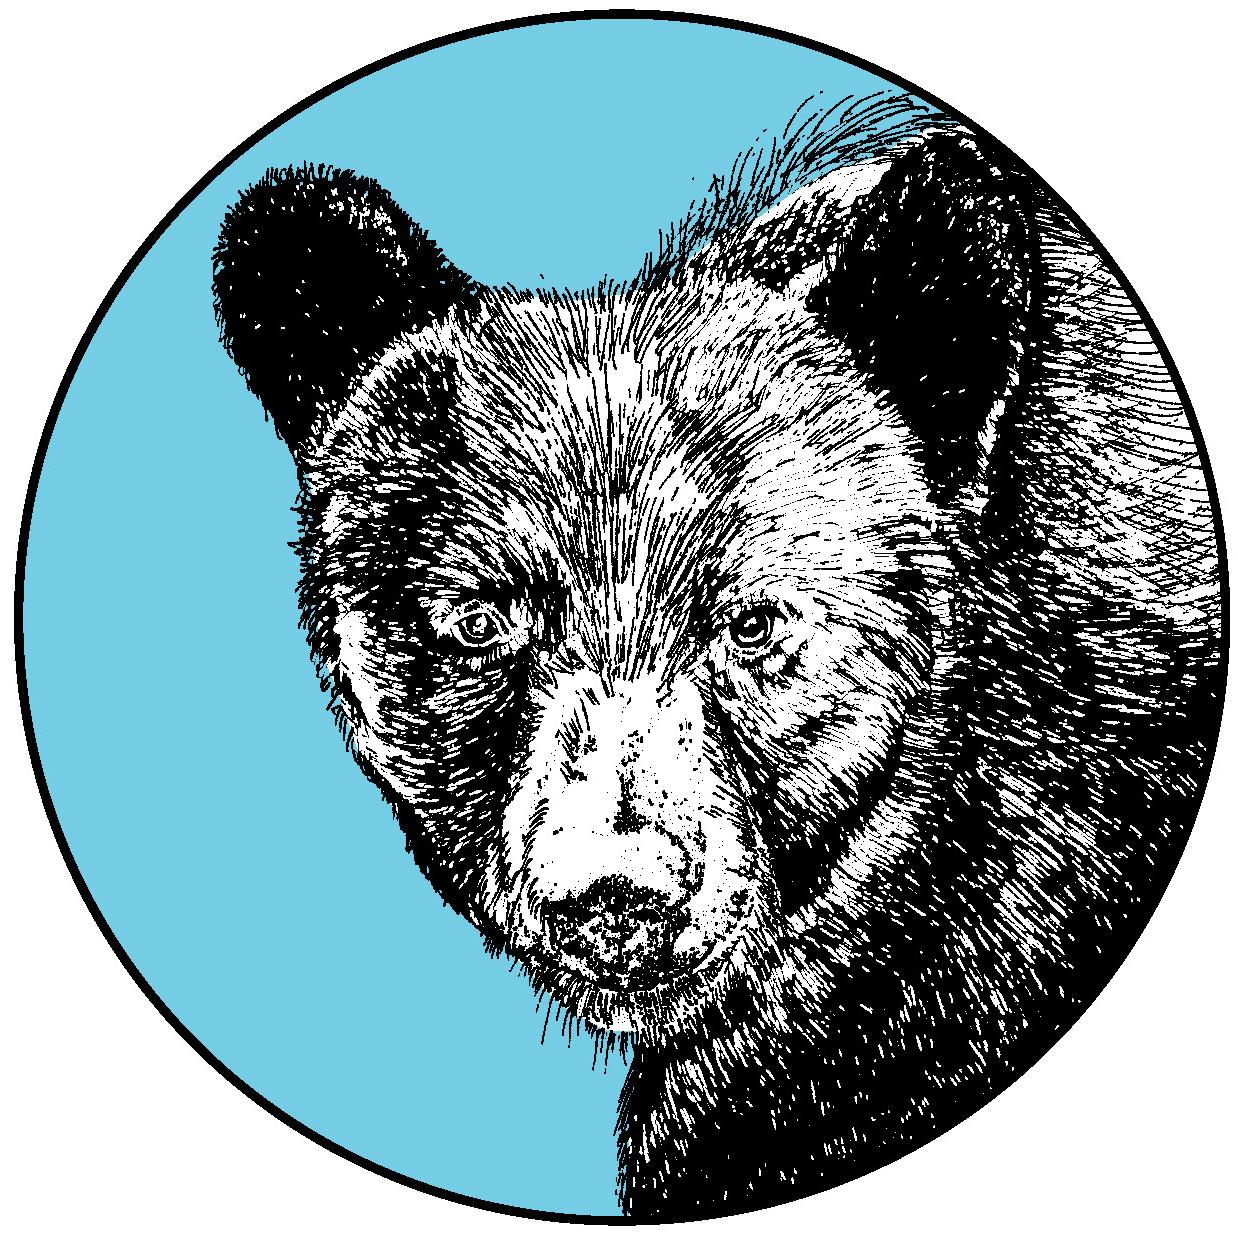 bear-scan_FINAL copy.jpg